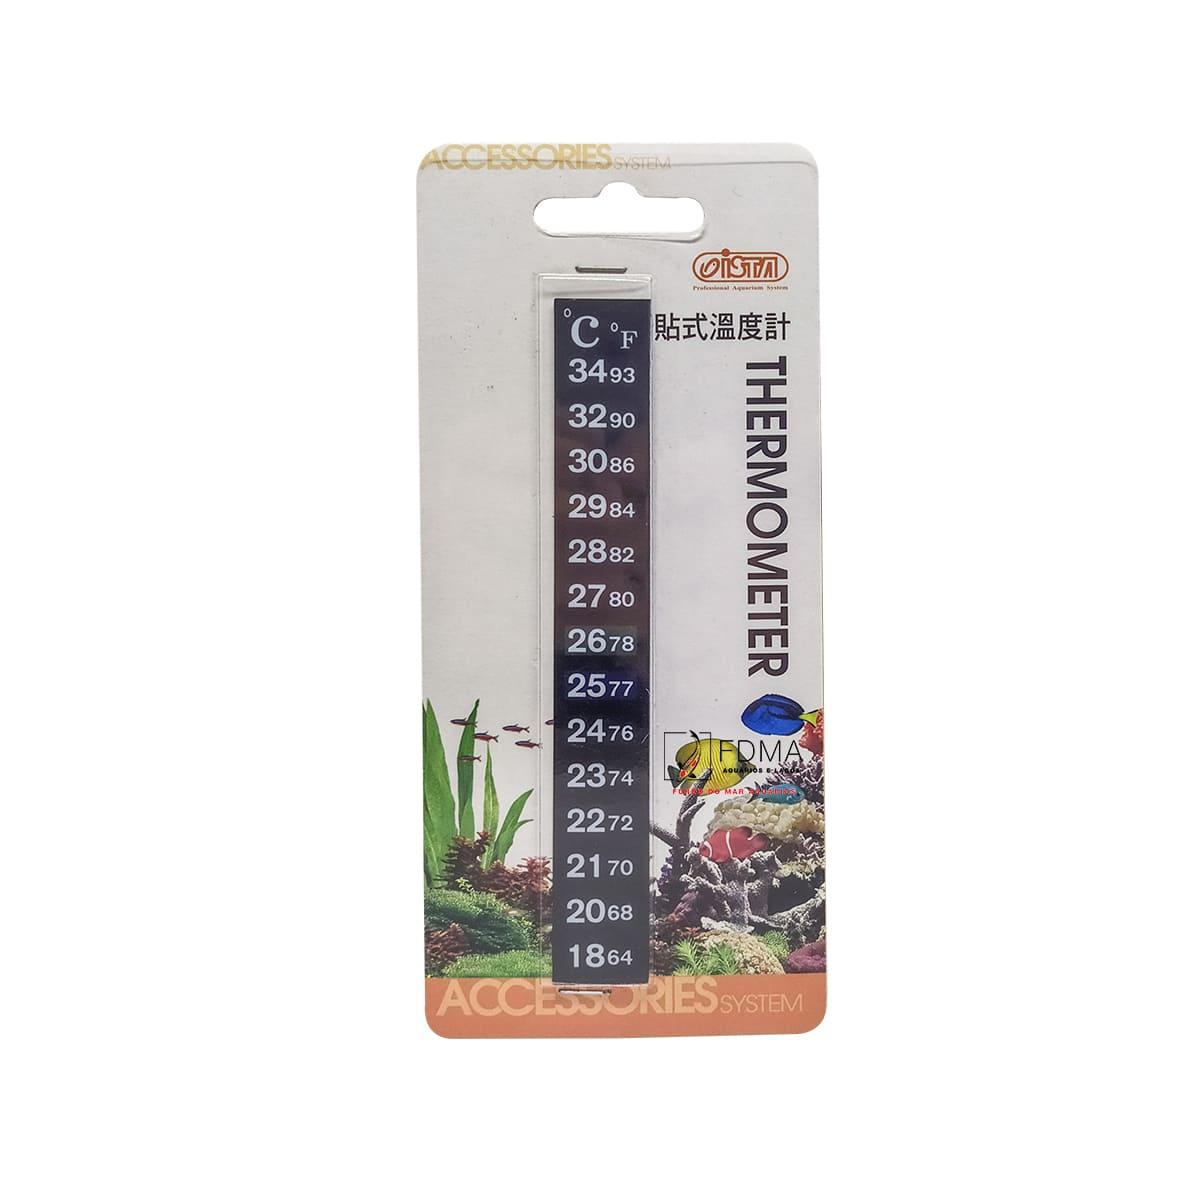 Termômetro de Fita ISTA para uso Externo - I-621